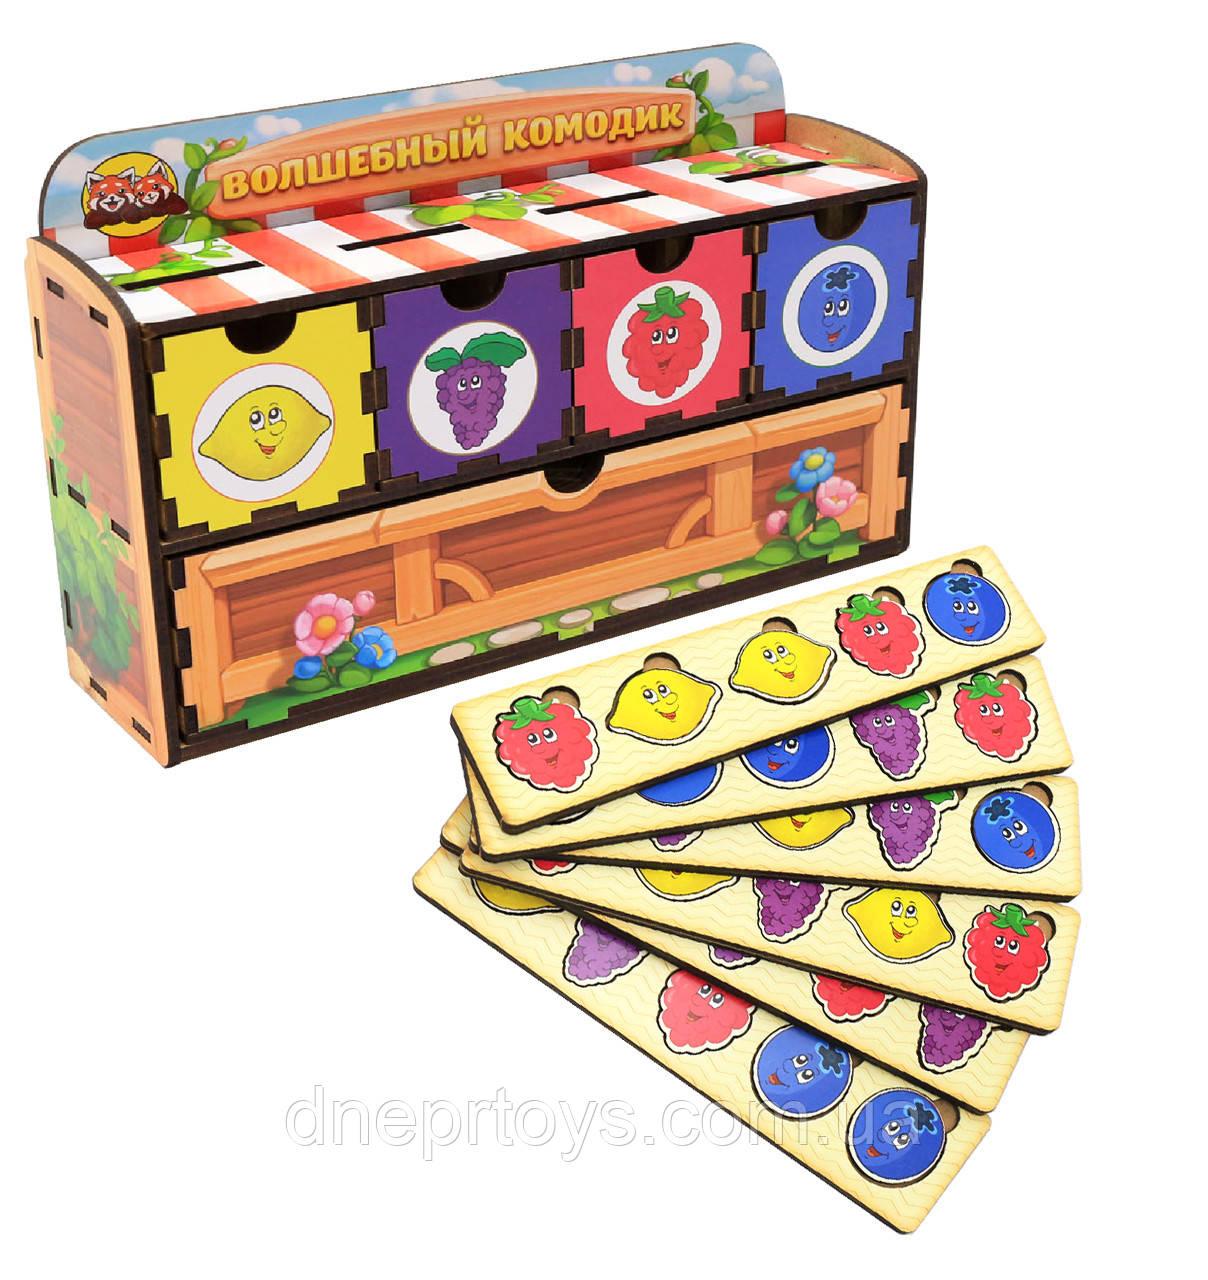 Волшебный комодик «Ягоды», развивающая игрушка,Ань-Янь,15,5*23,5*6,5 см, (ПСД010)